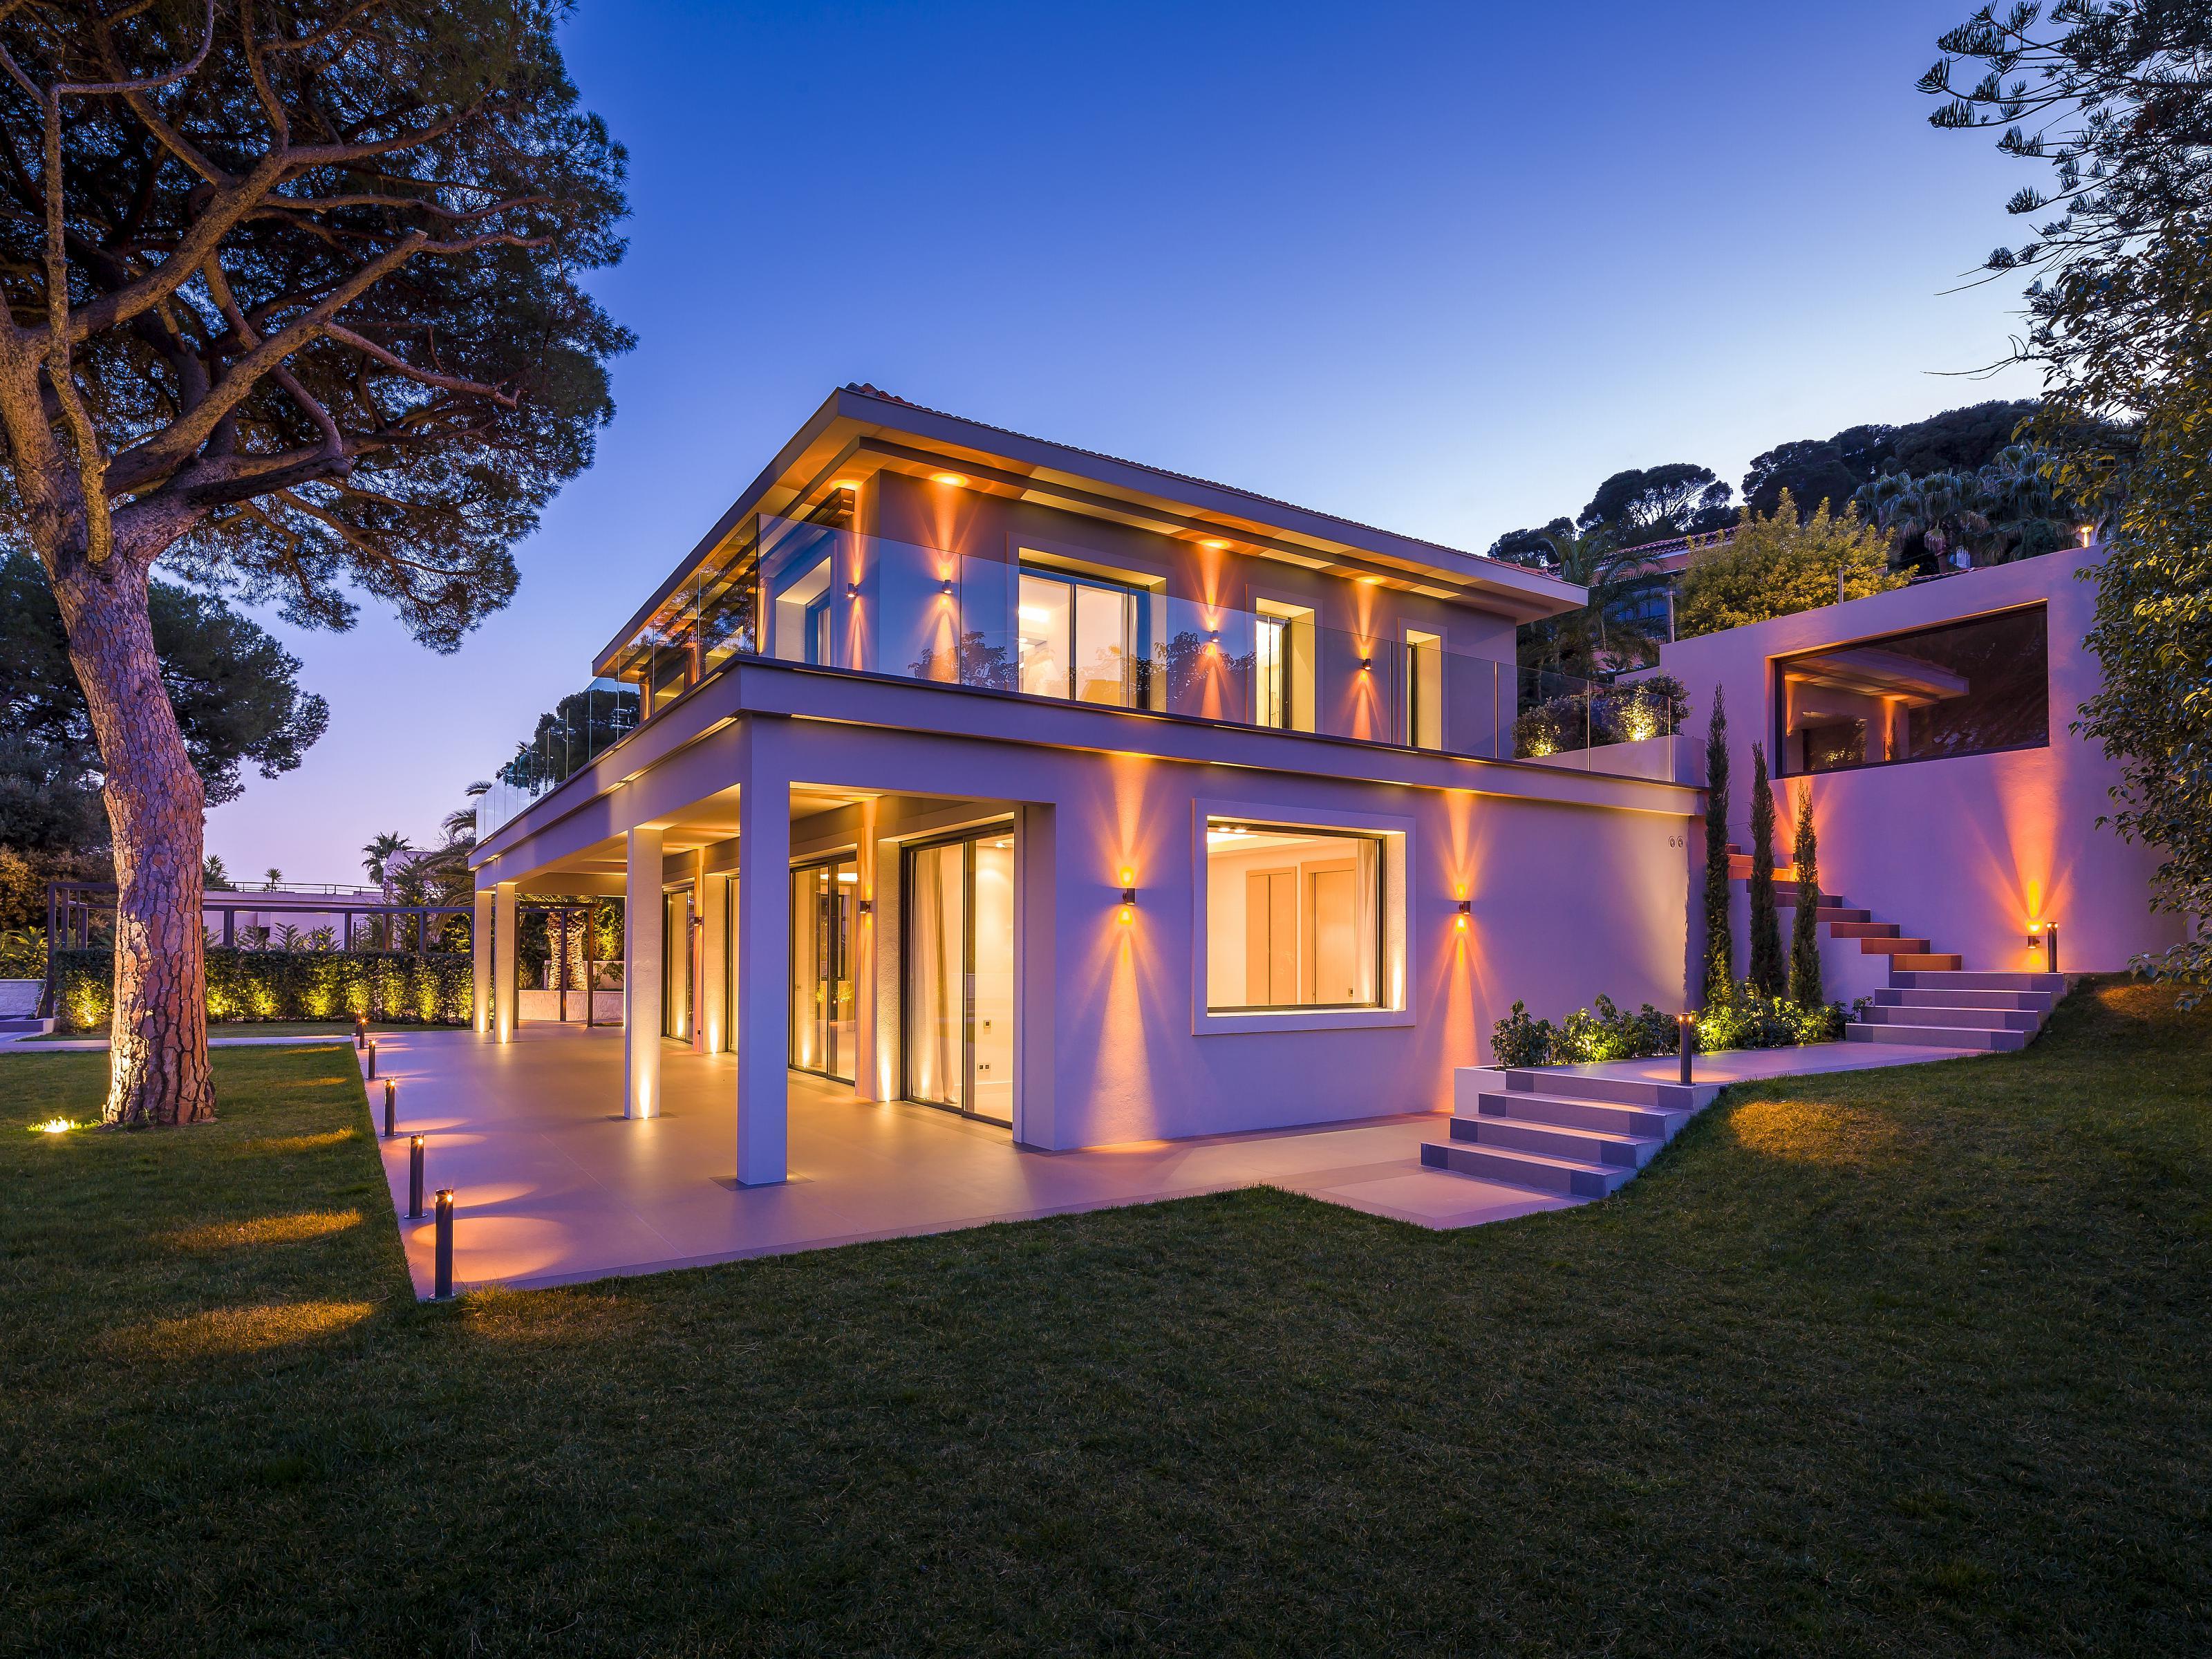 단독 가정 주택 용 매매 에 Contemporary villa with high quality finihings Villefranche Villefranche Sur Mer, 프로벤스 앞ㄹ프스 코테 D'Azur 06230 프랑스